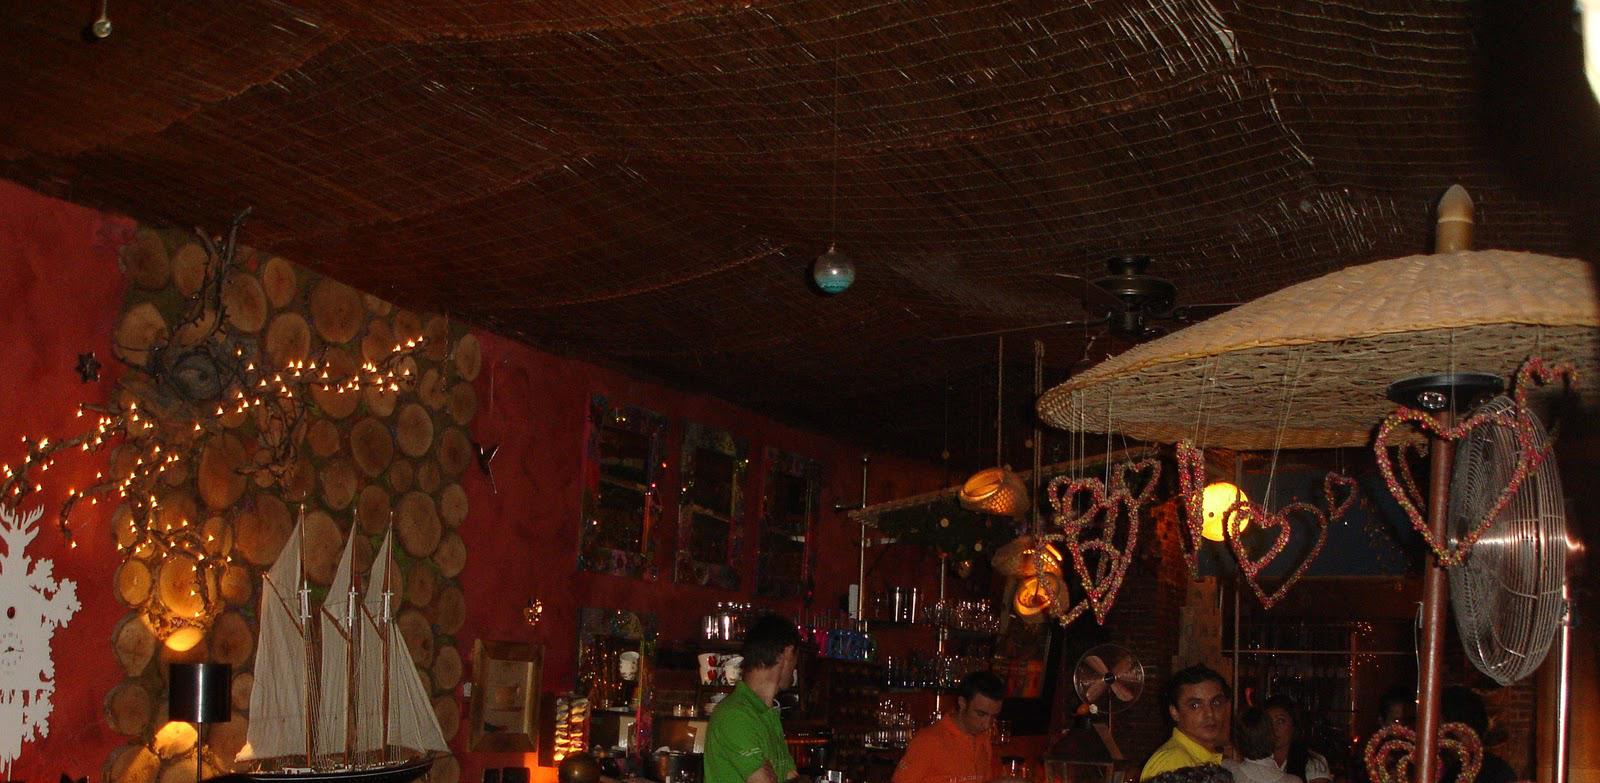 Vive la magia de el jard n secreto doordresser - Restaurante el jardin secreto ...